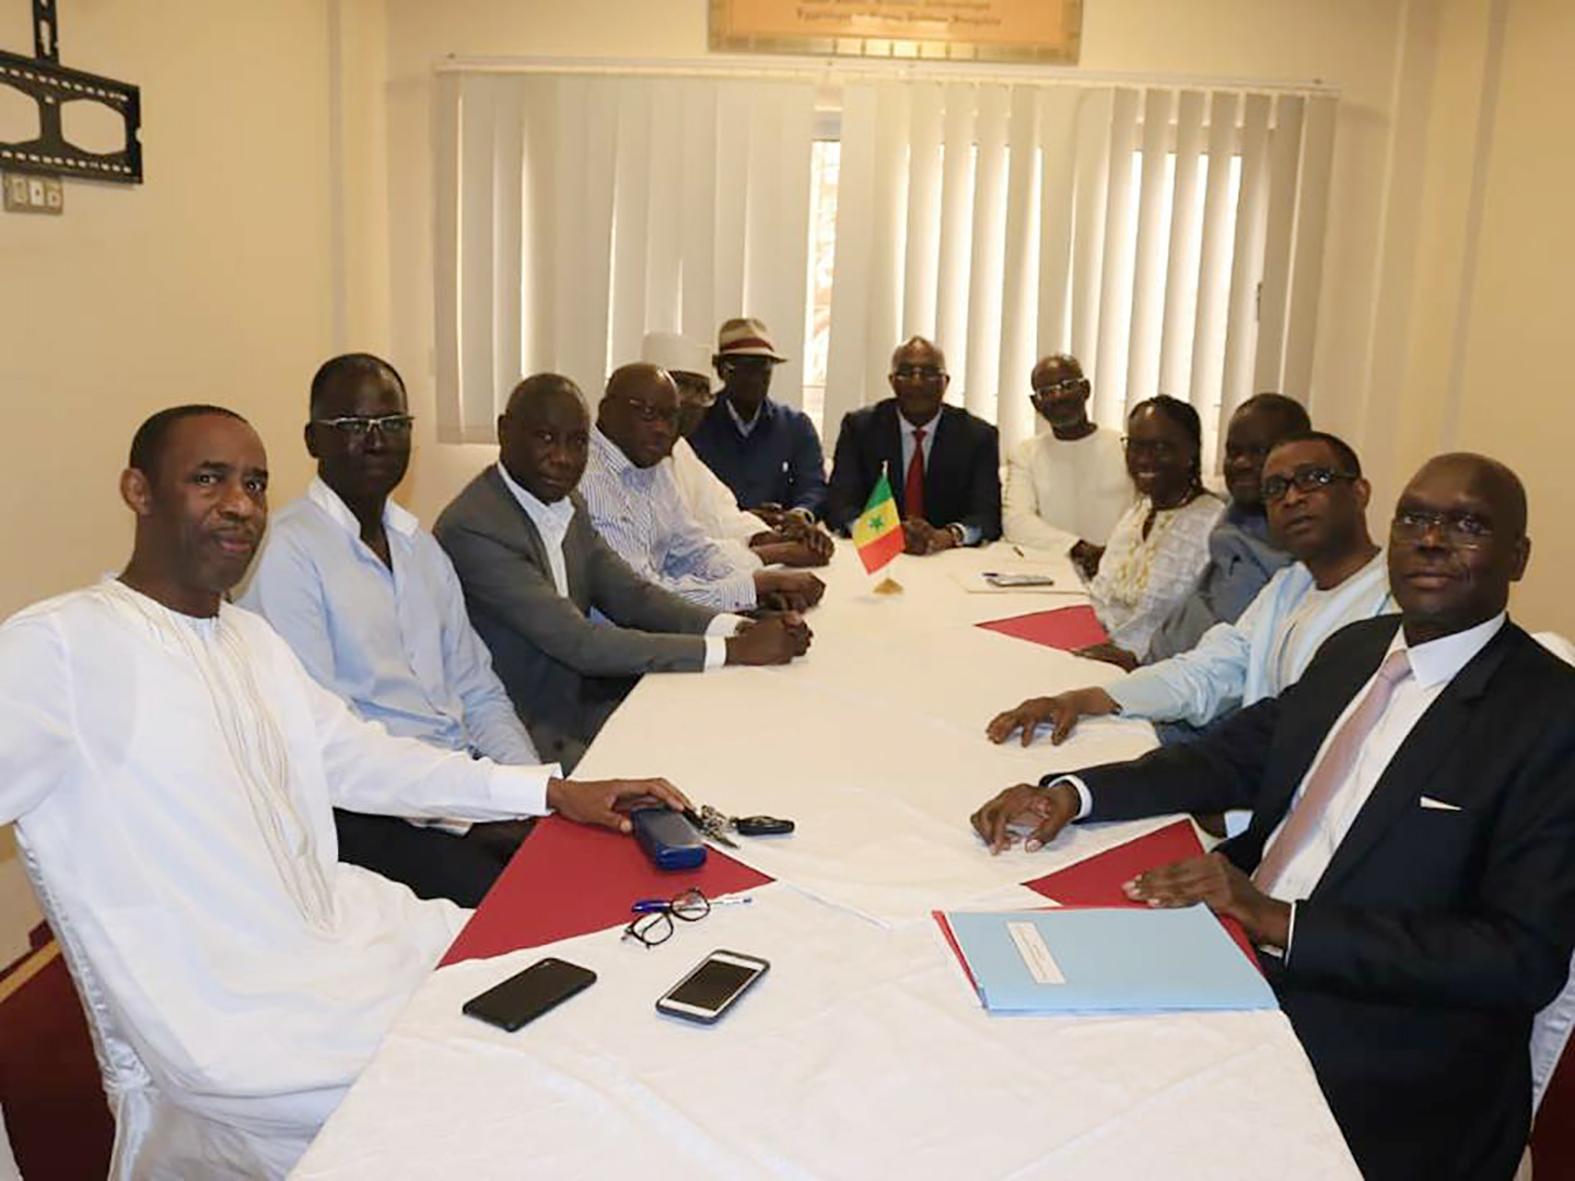 Club des investisseurs du Sénégal: Une société d'investissement d'au moins 20 milliards de FCFA annoncée